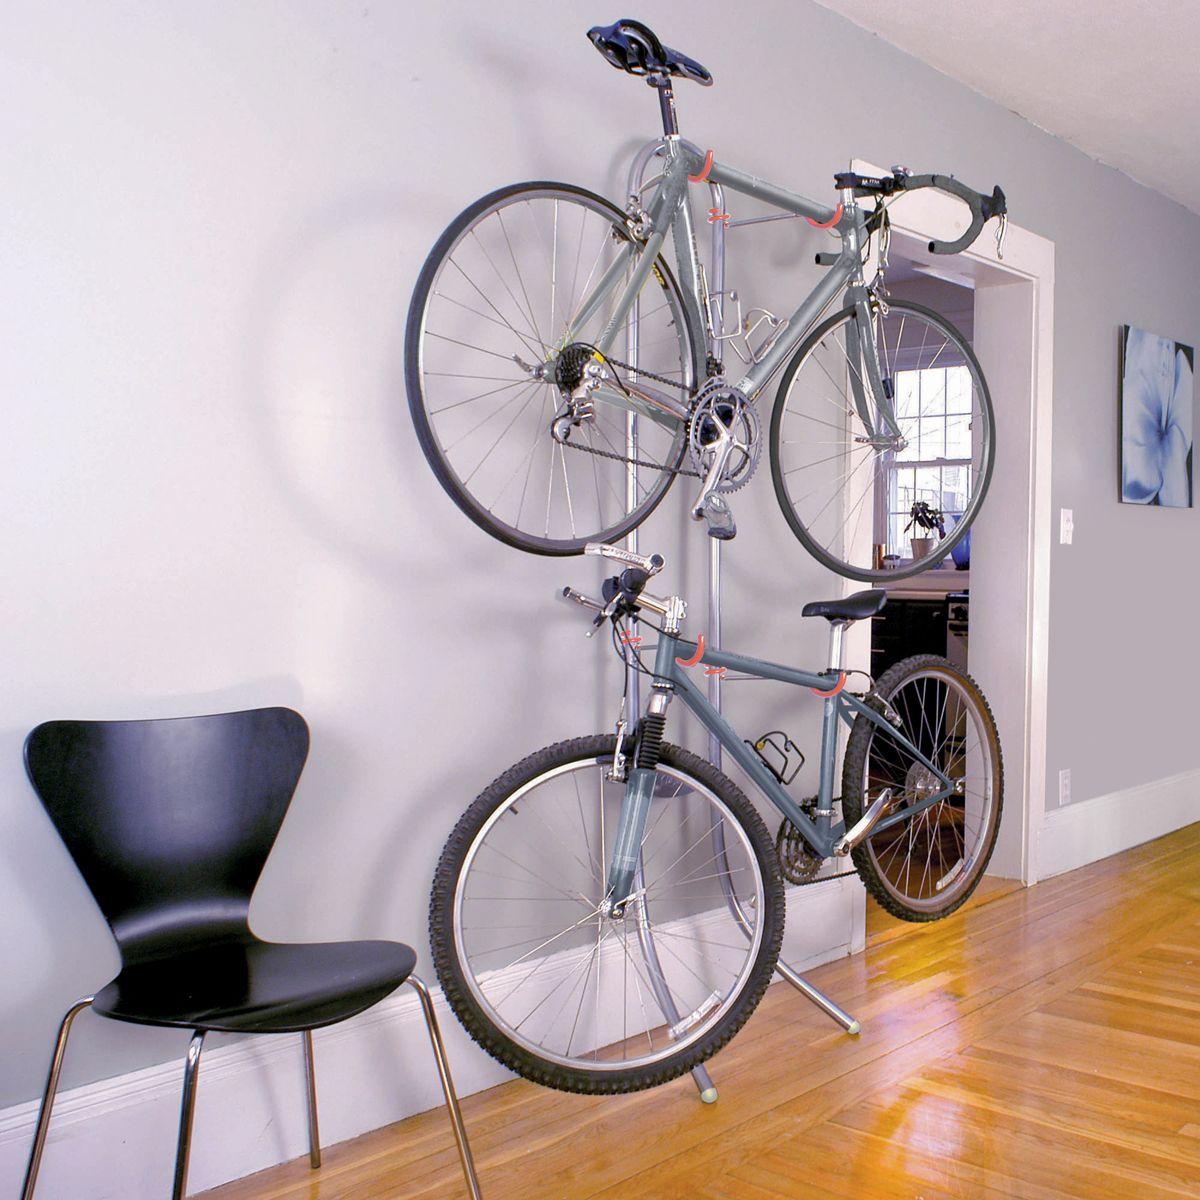 Fahrradständer Wohnung fahrräder einfach in der wohnung verstauen das sieht gut aus und